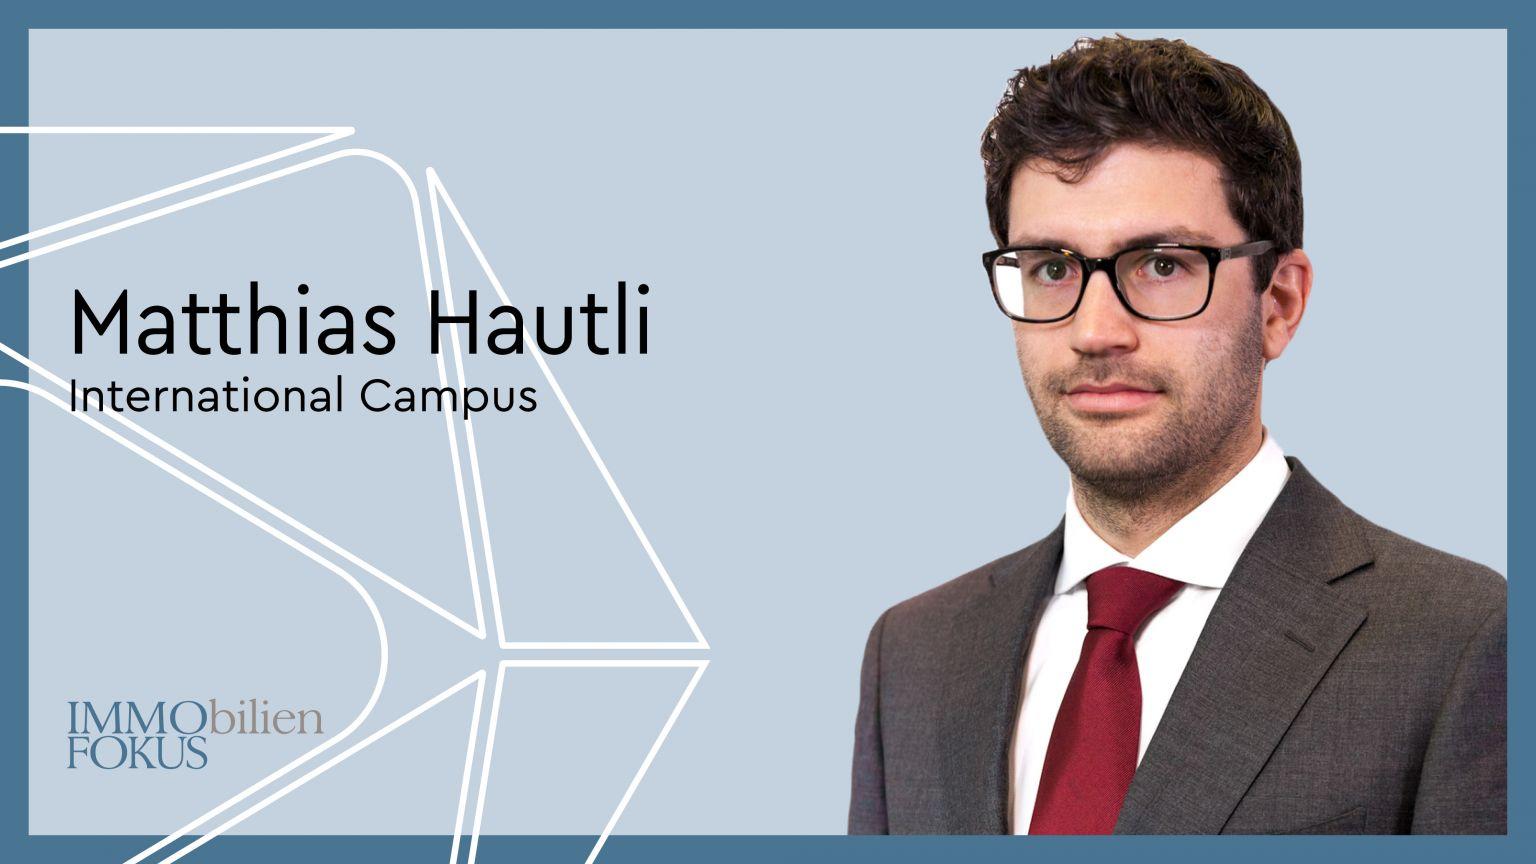 Matthias Hautli verstärkt Akquise bei International Campus